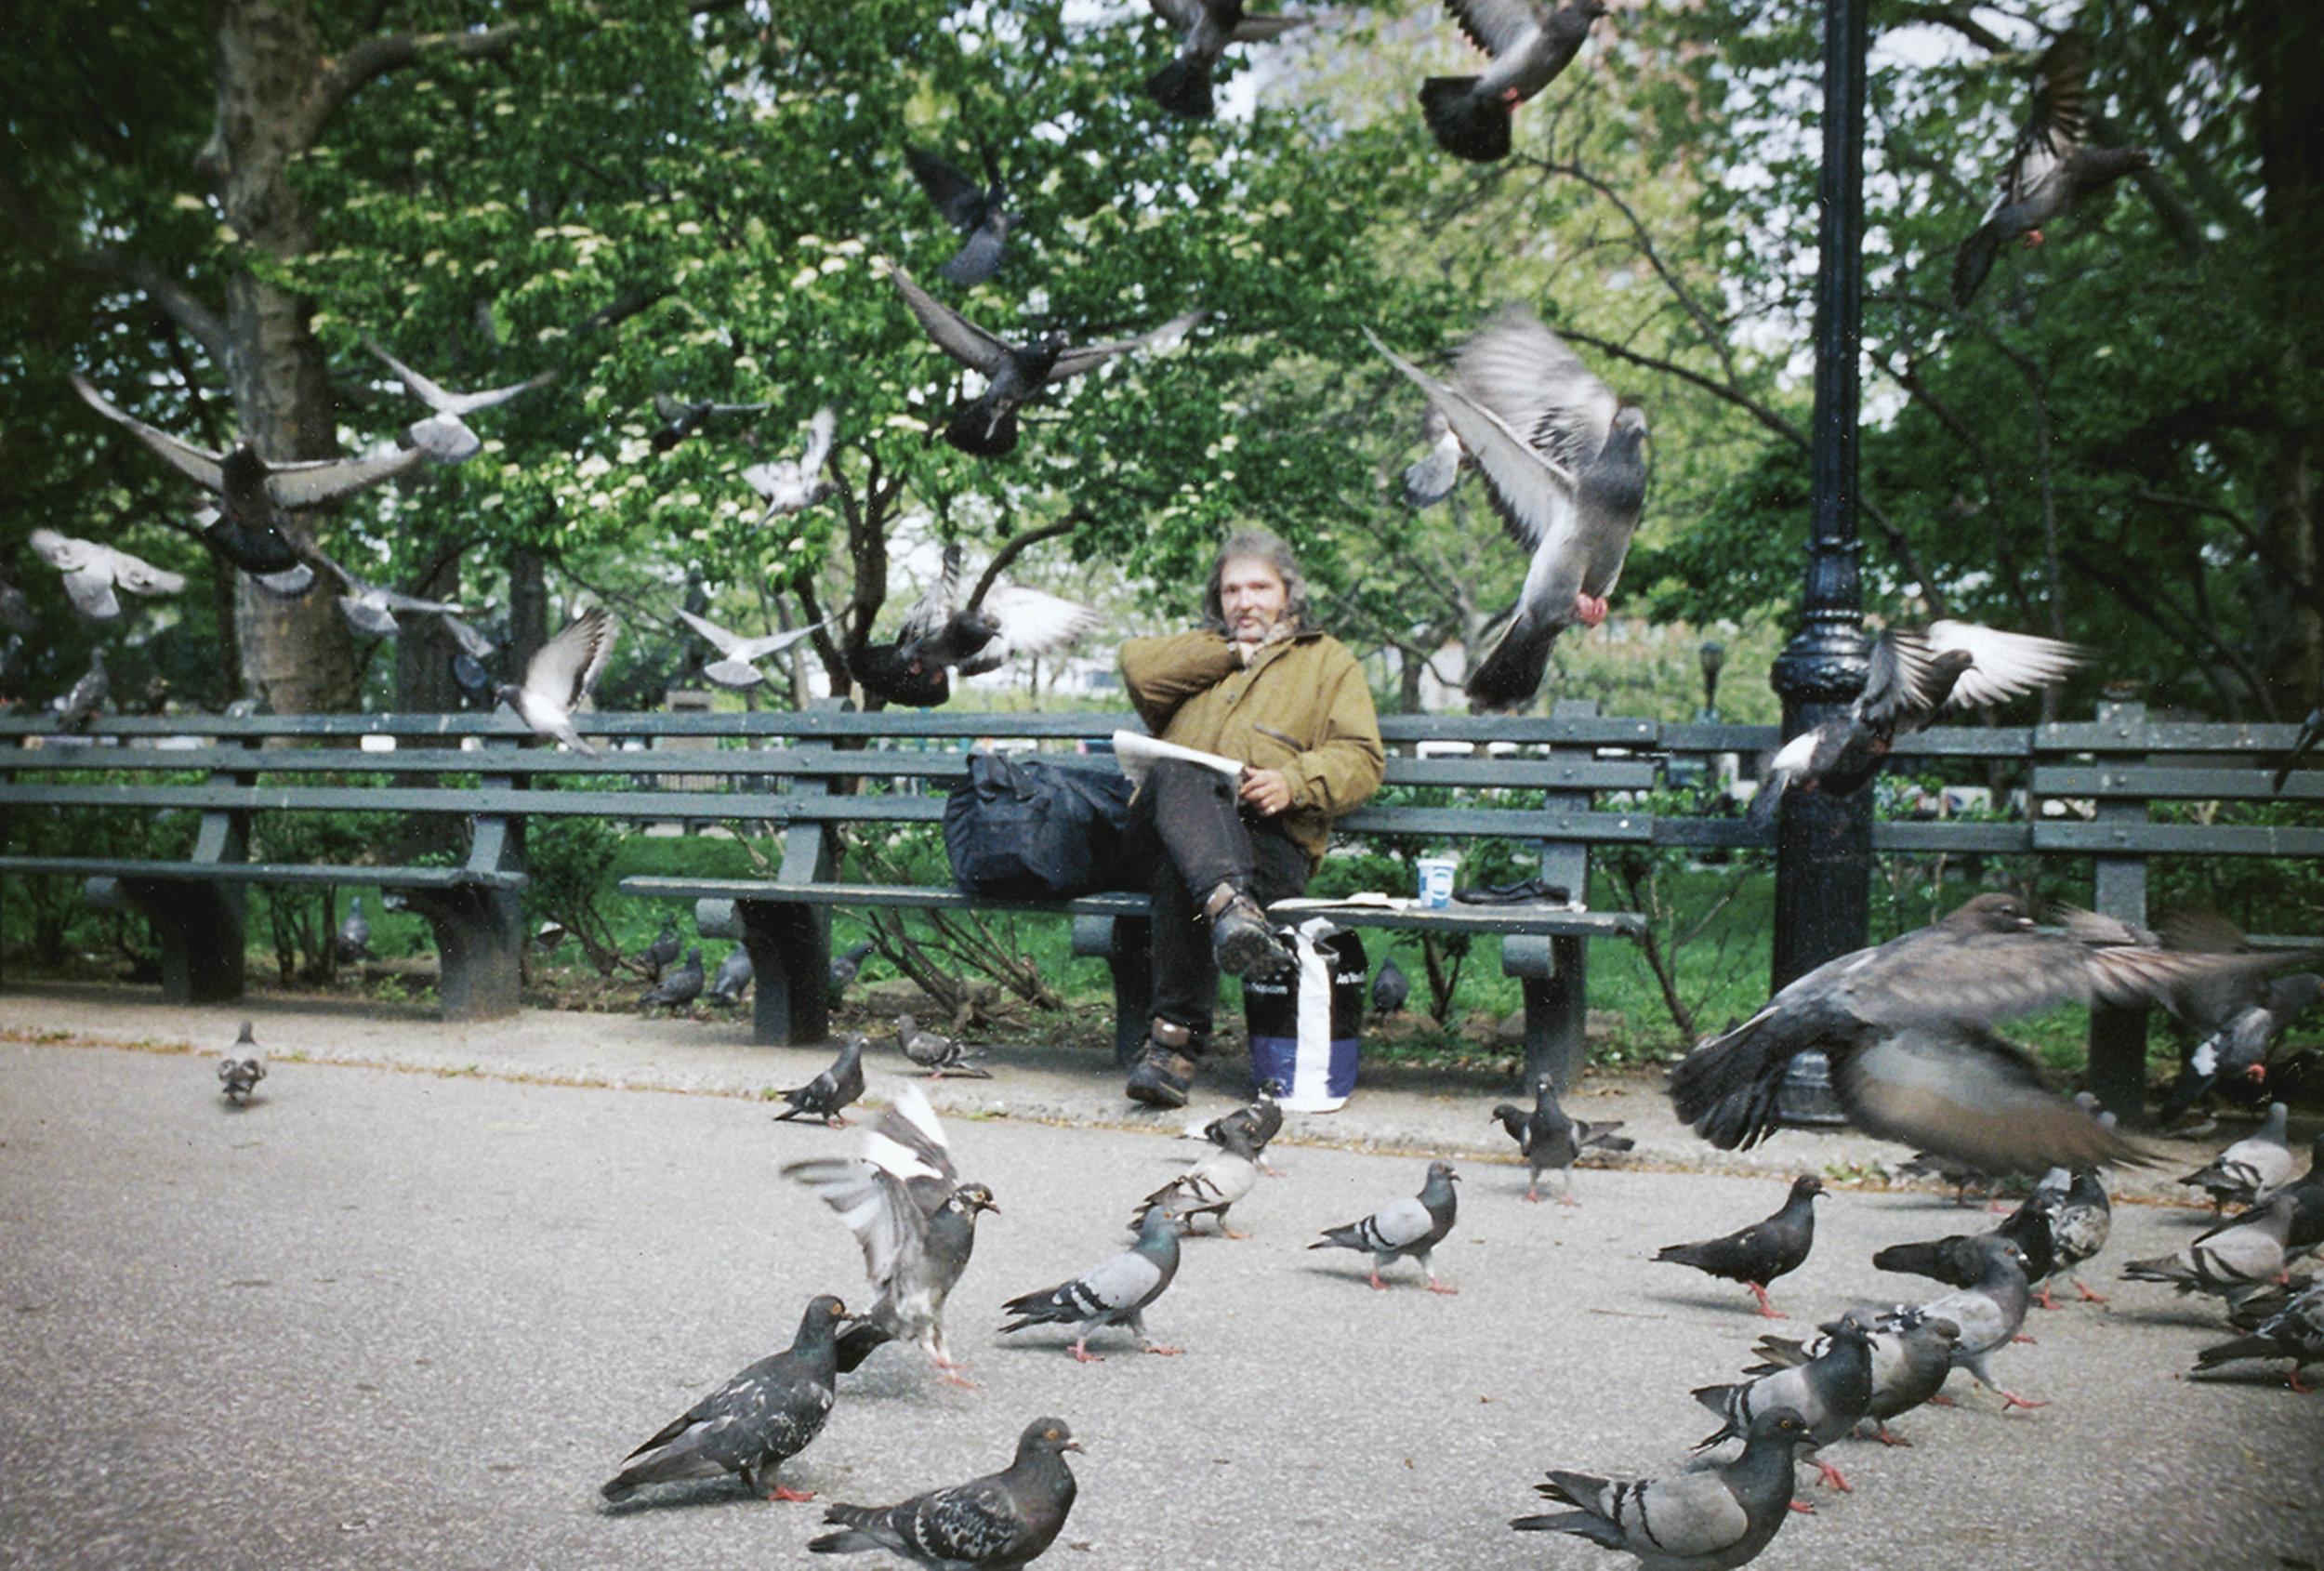 shane_deruise_alleyways_bird_man.jpg